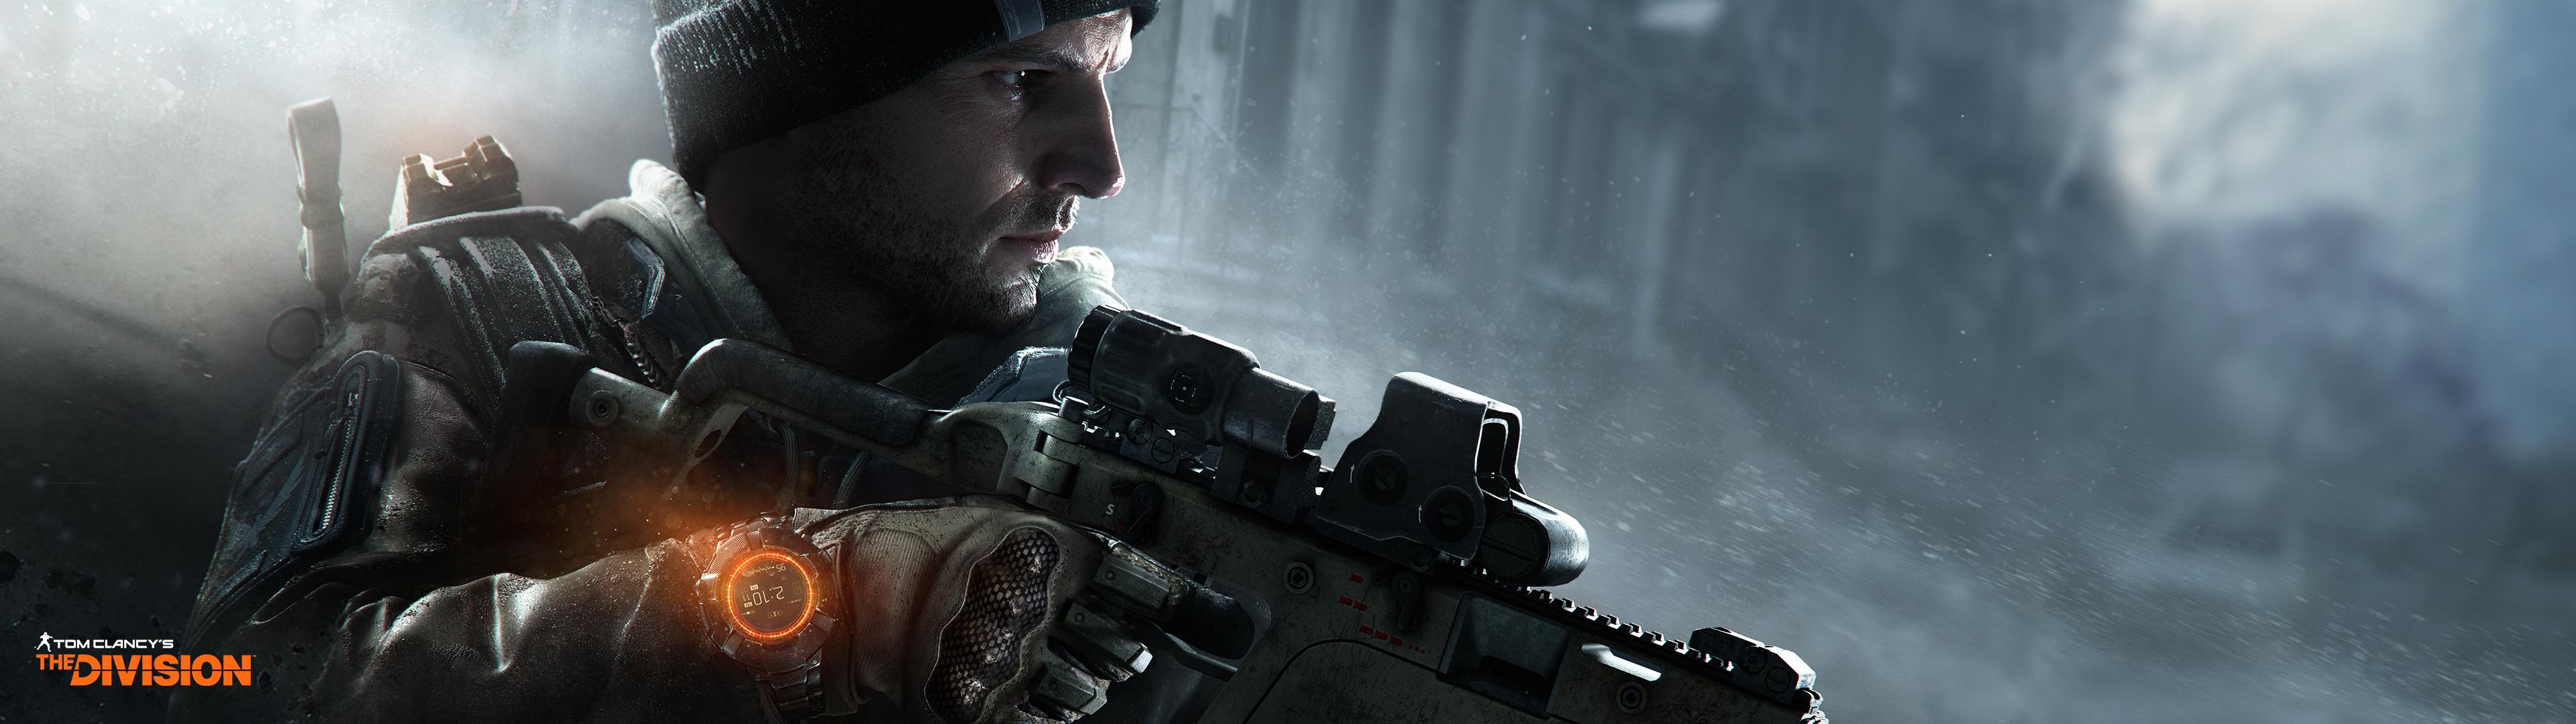 壁紙 3840x1080 トム クランシー スナイパーライフル The Division 狙撃手 ゲーム ダウンロード 写真